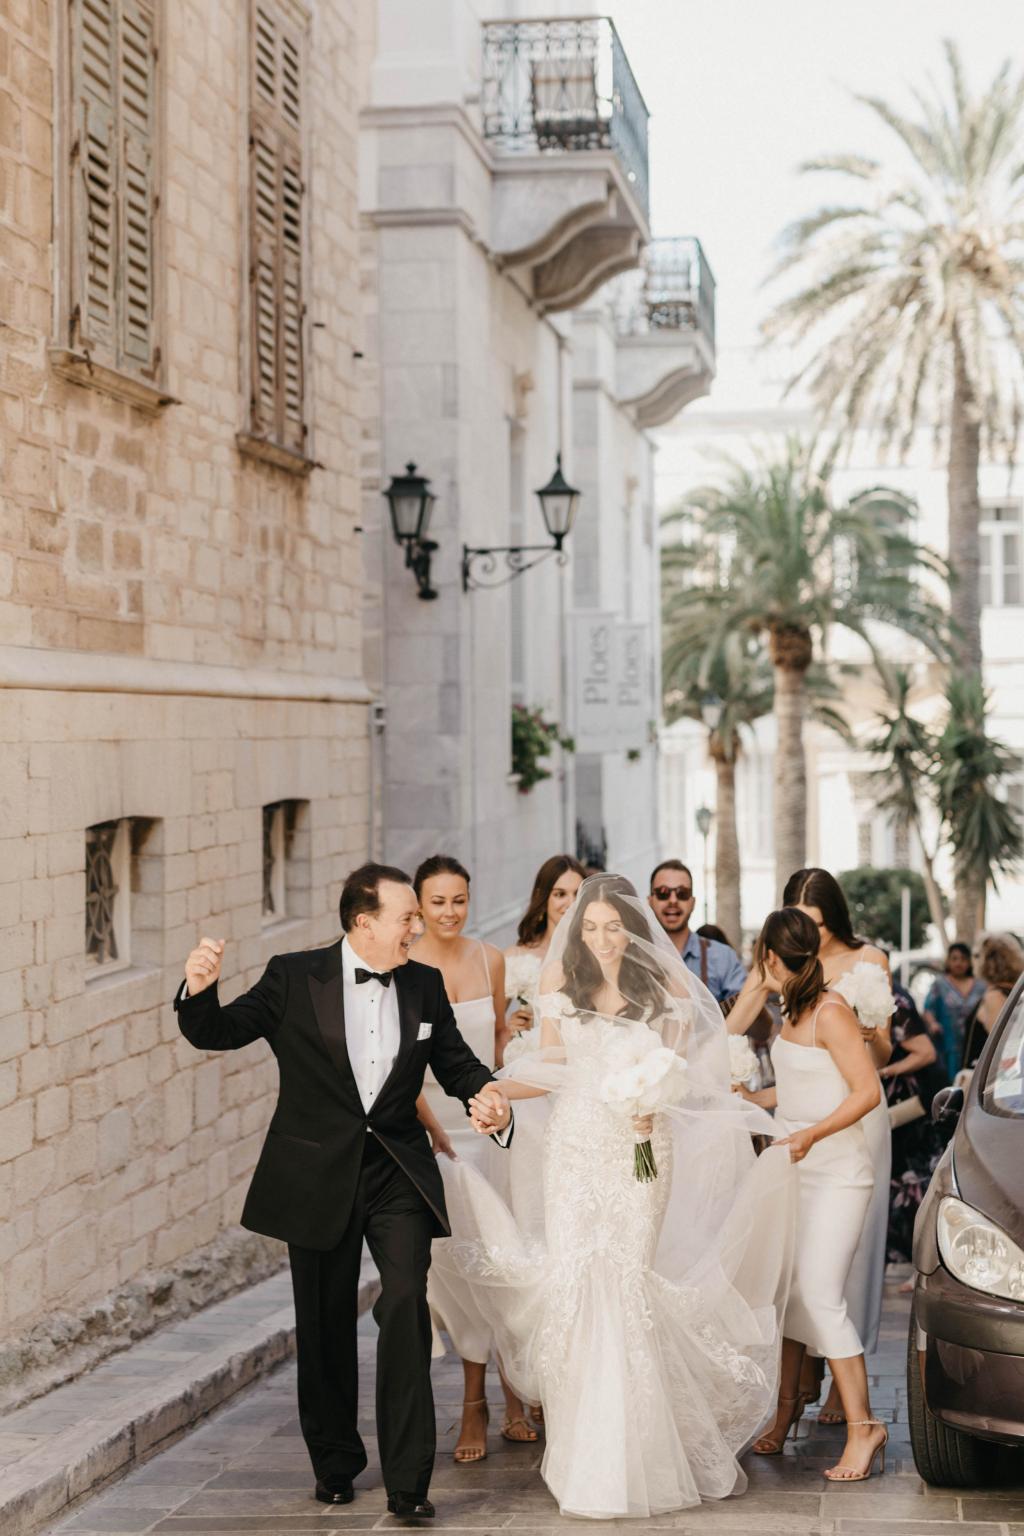 H&W Syros wedding - Image 8